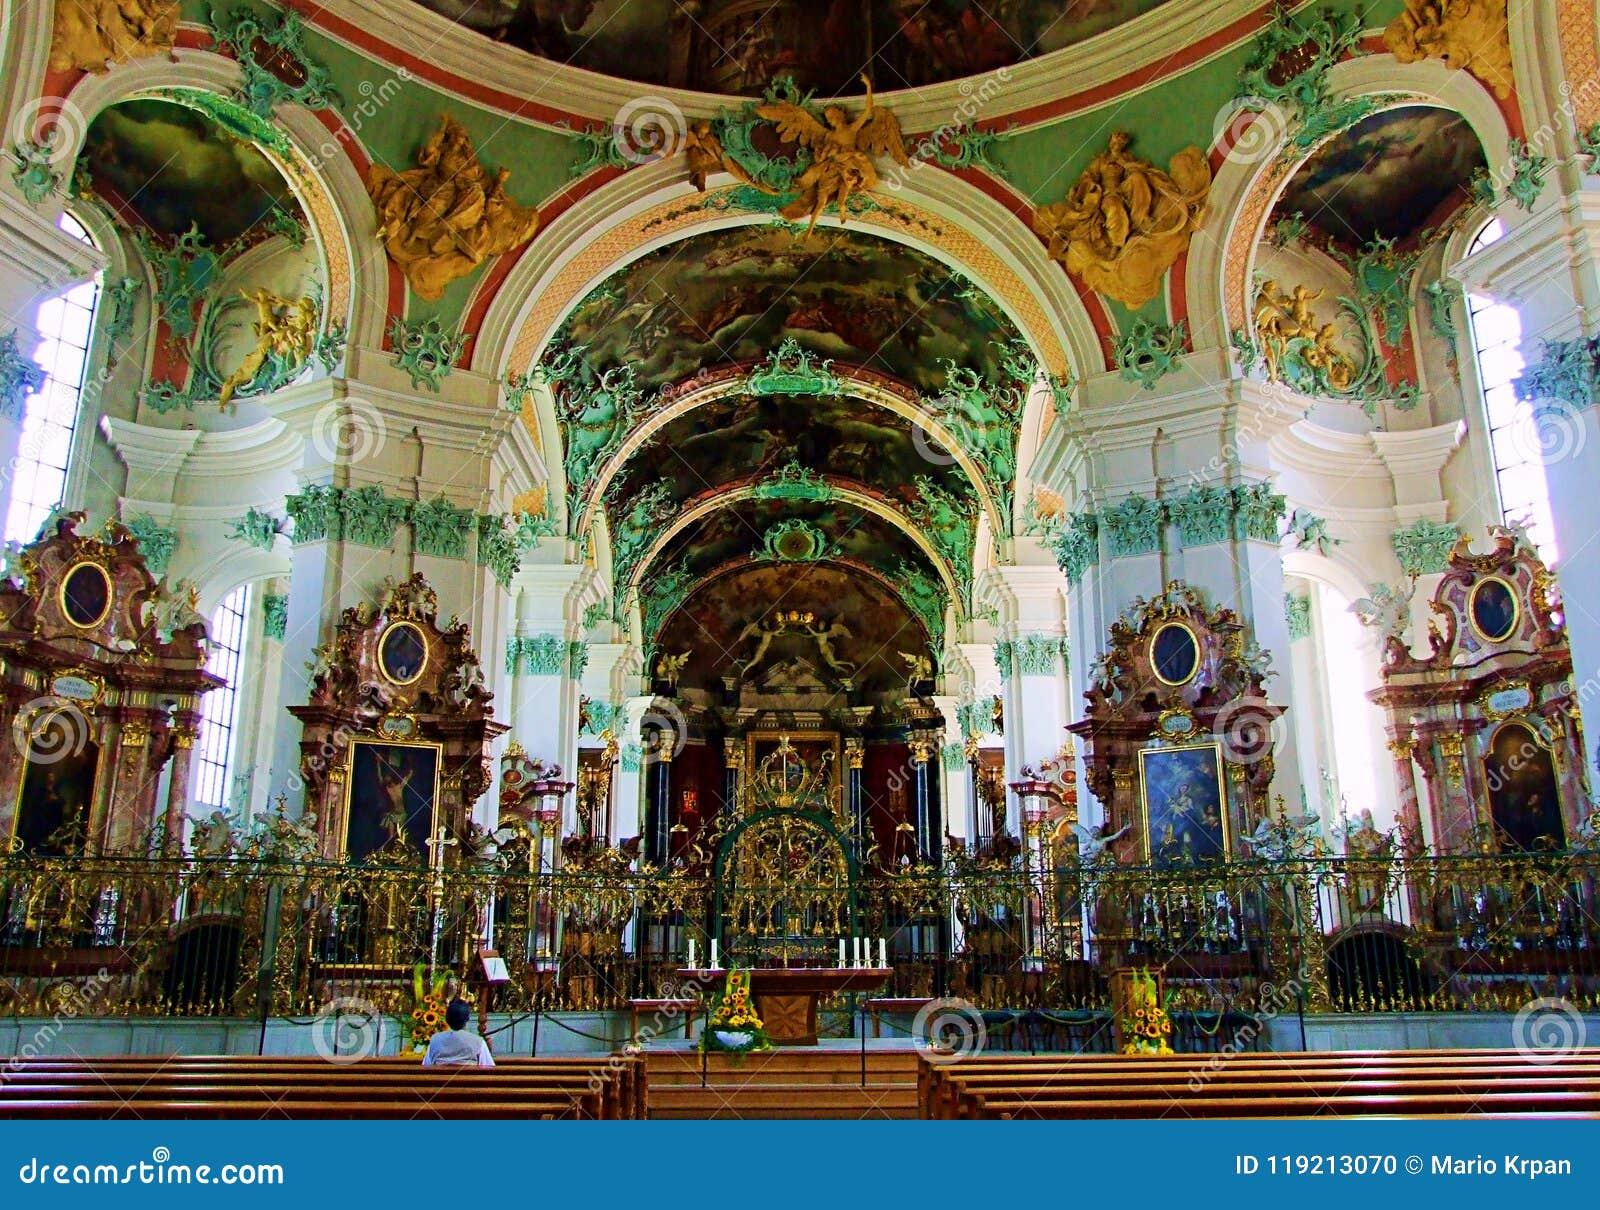 церковь, собор, интерьер, вероисповедание, архитектура, алтар, католик, st, старый, внутри, часовня, искусство, ориентир ориентир